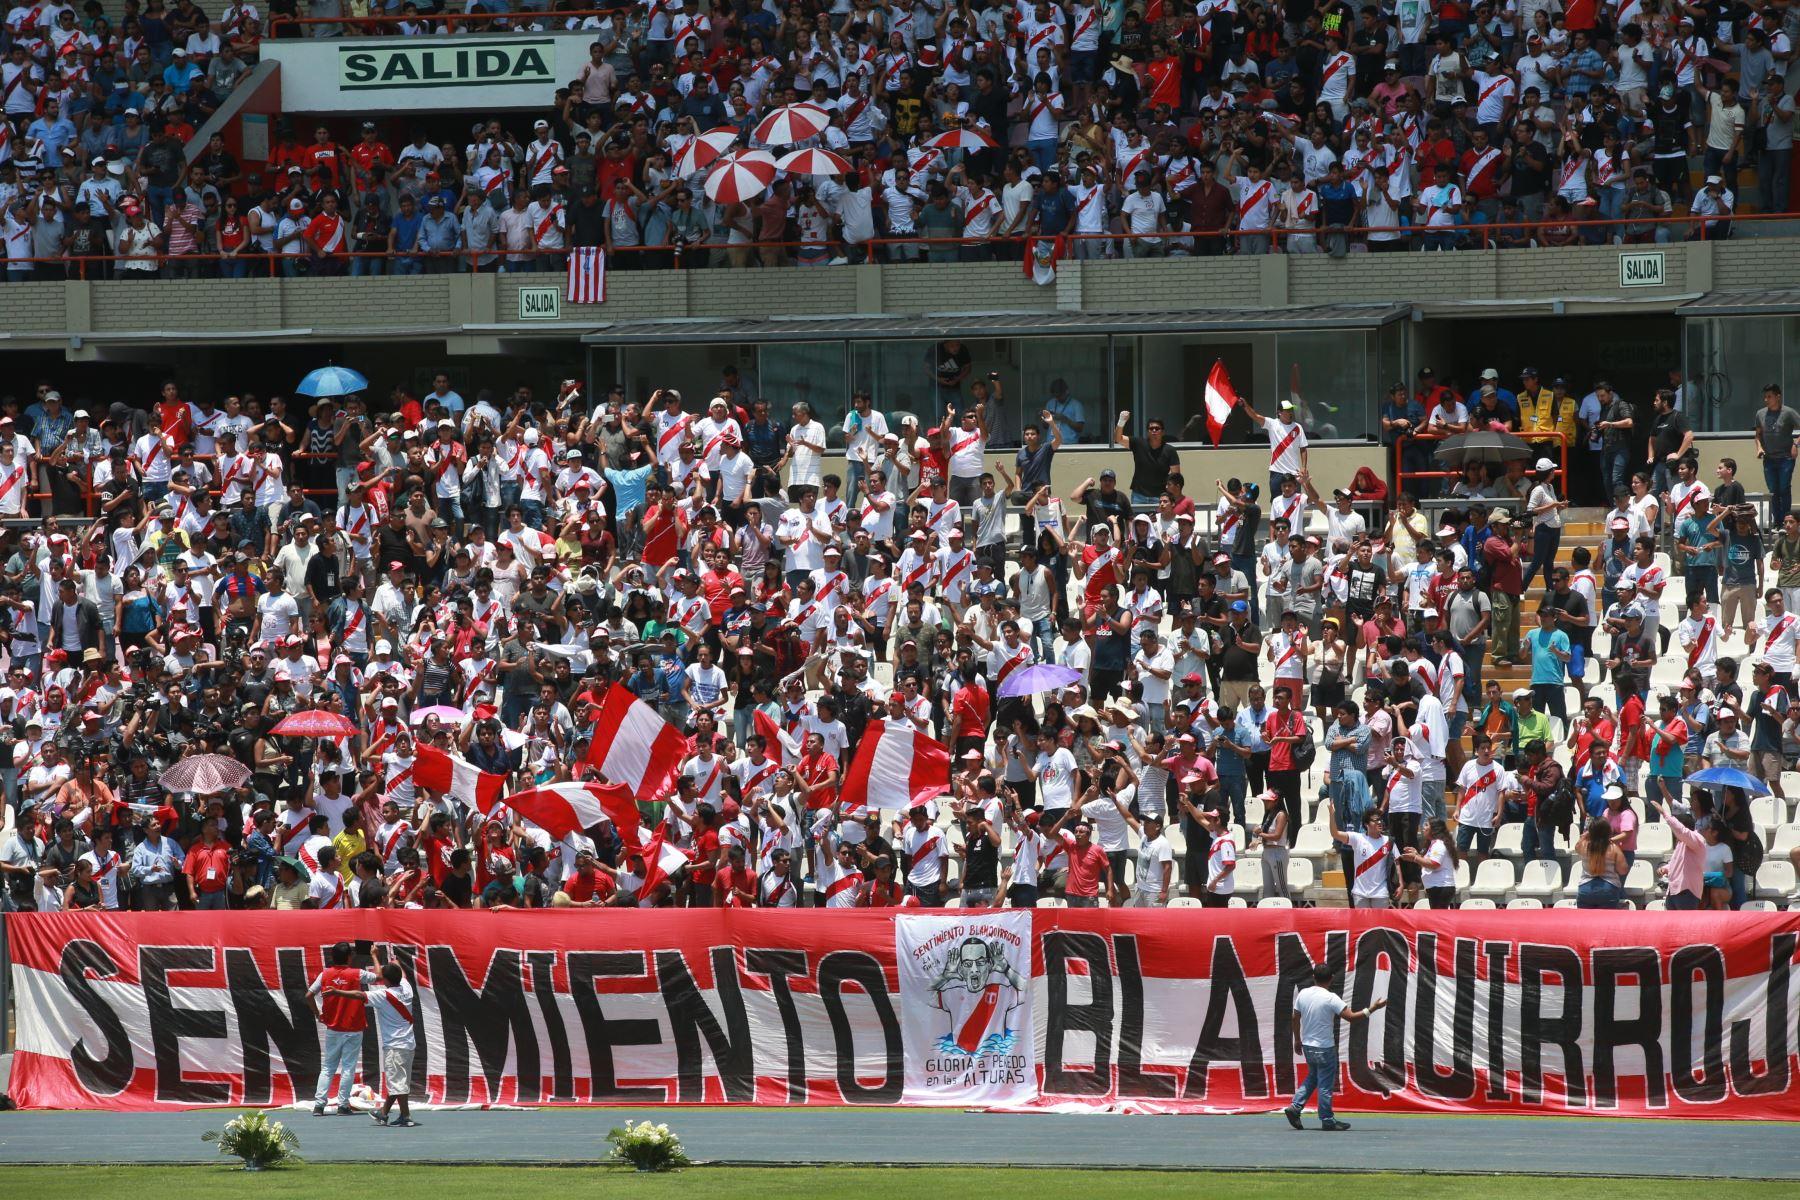 Hinchas en el Estadio Nacional despiden a periodista Daniel Peredo. Foto: ANDINA/Jhony Laurente.